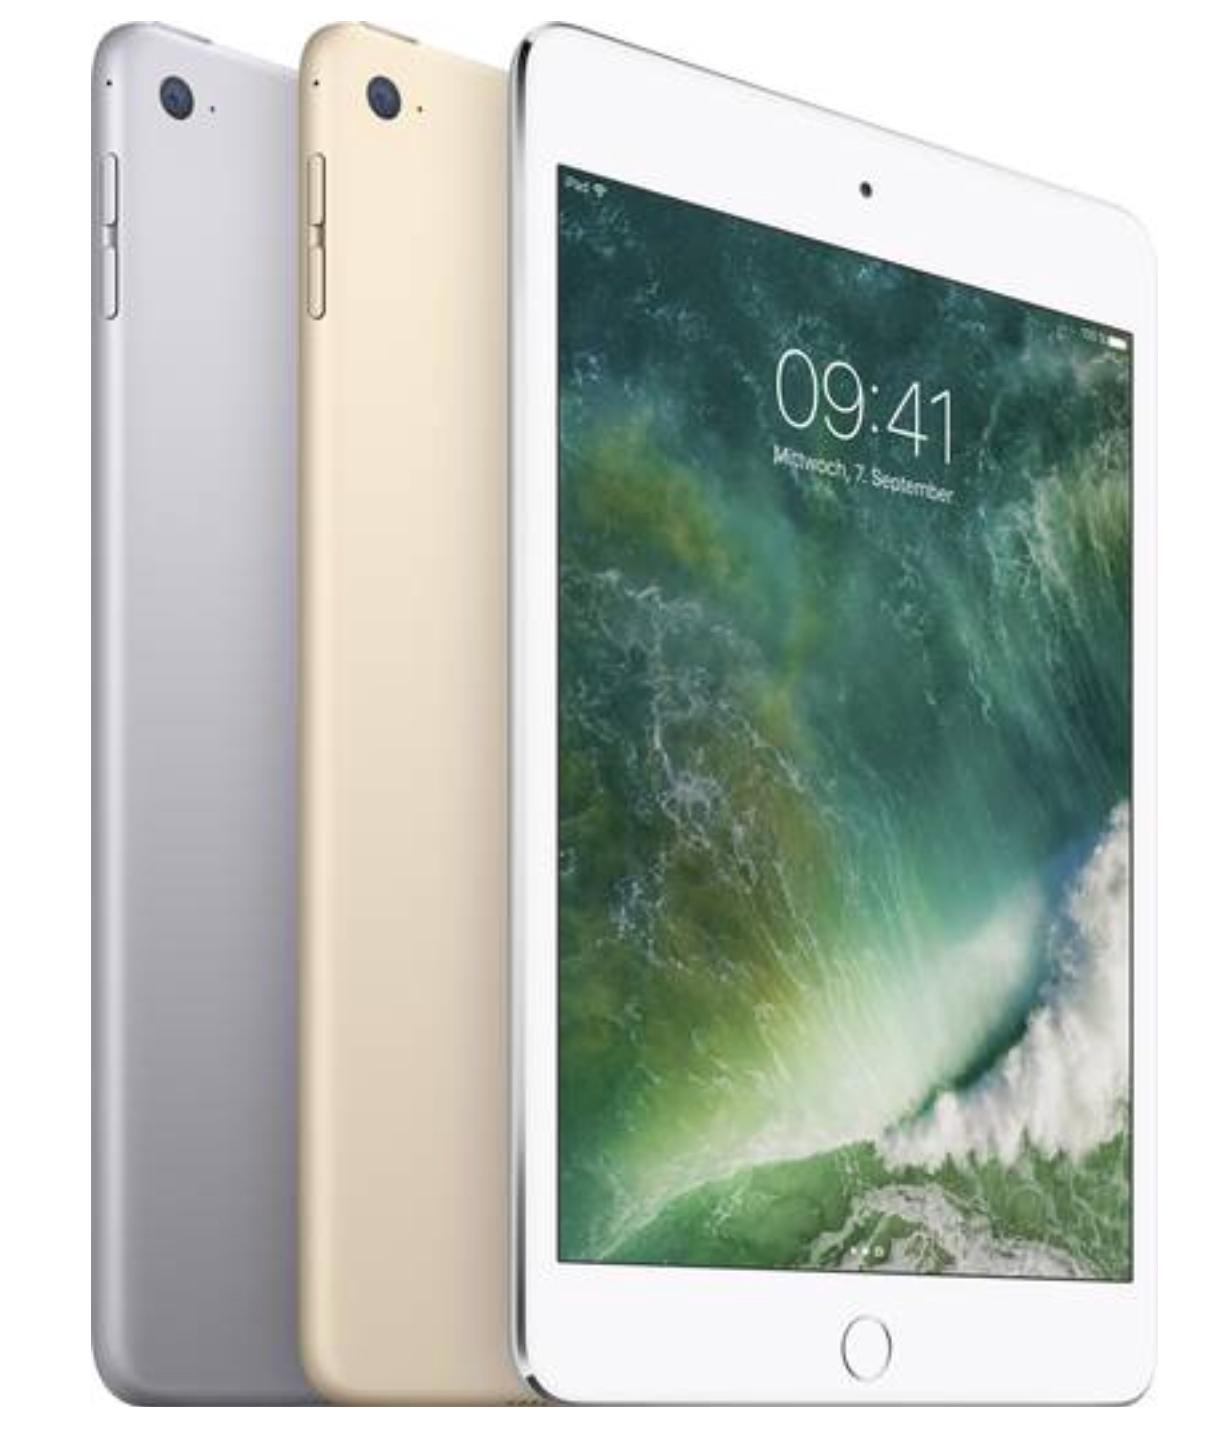 [gravis / ebay] Apple iPad WiFi 32 GB 2017 mit ebay.es für 271,09€ möglich